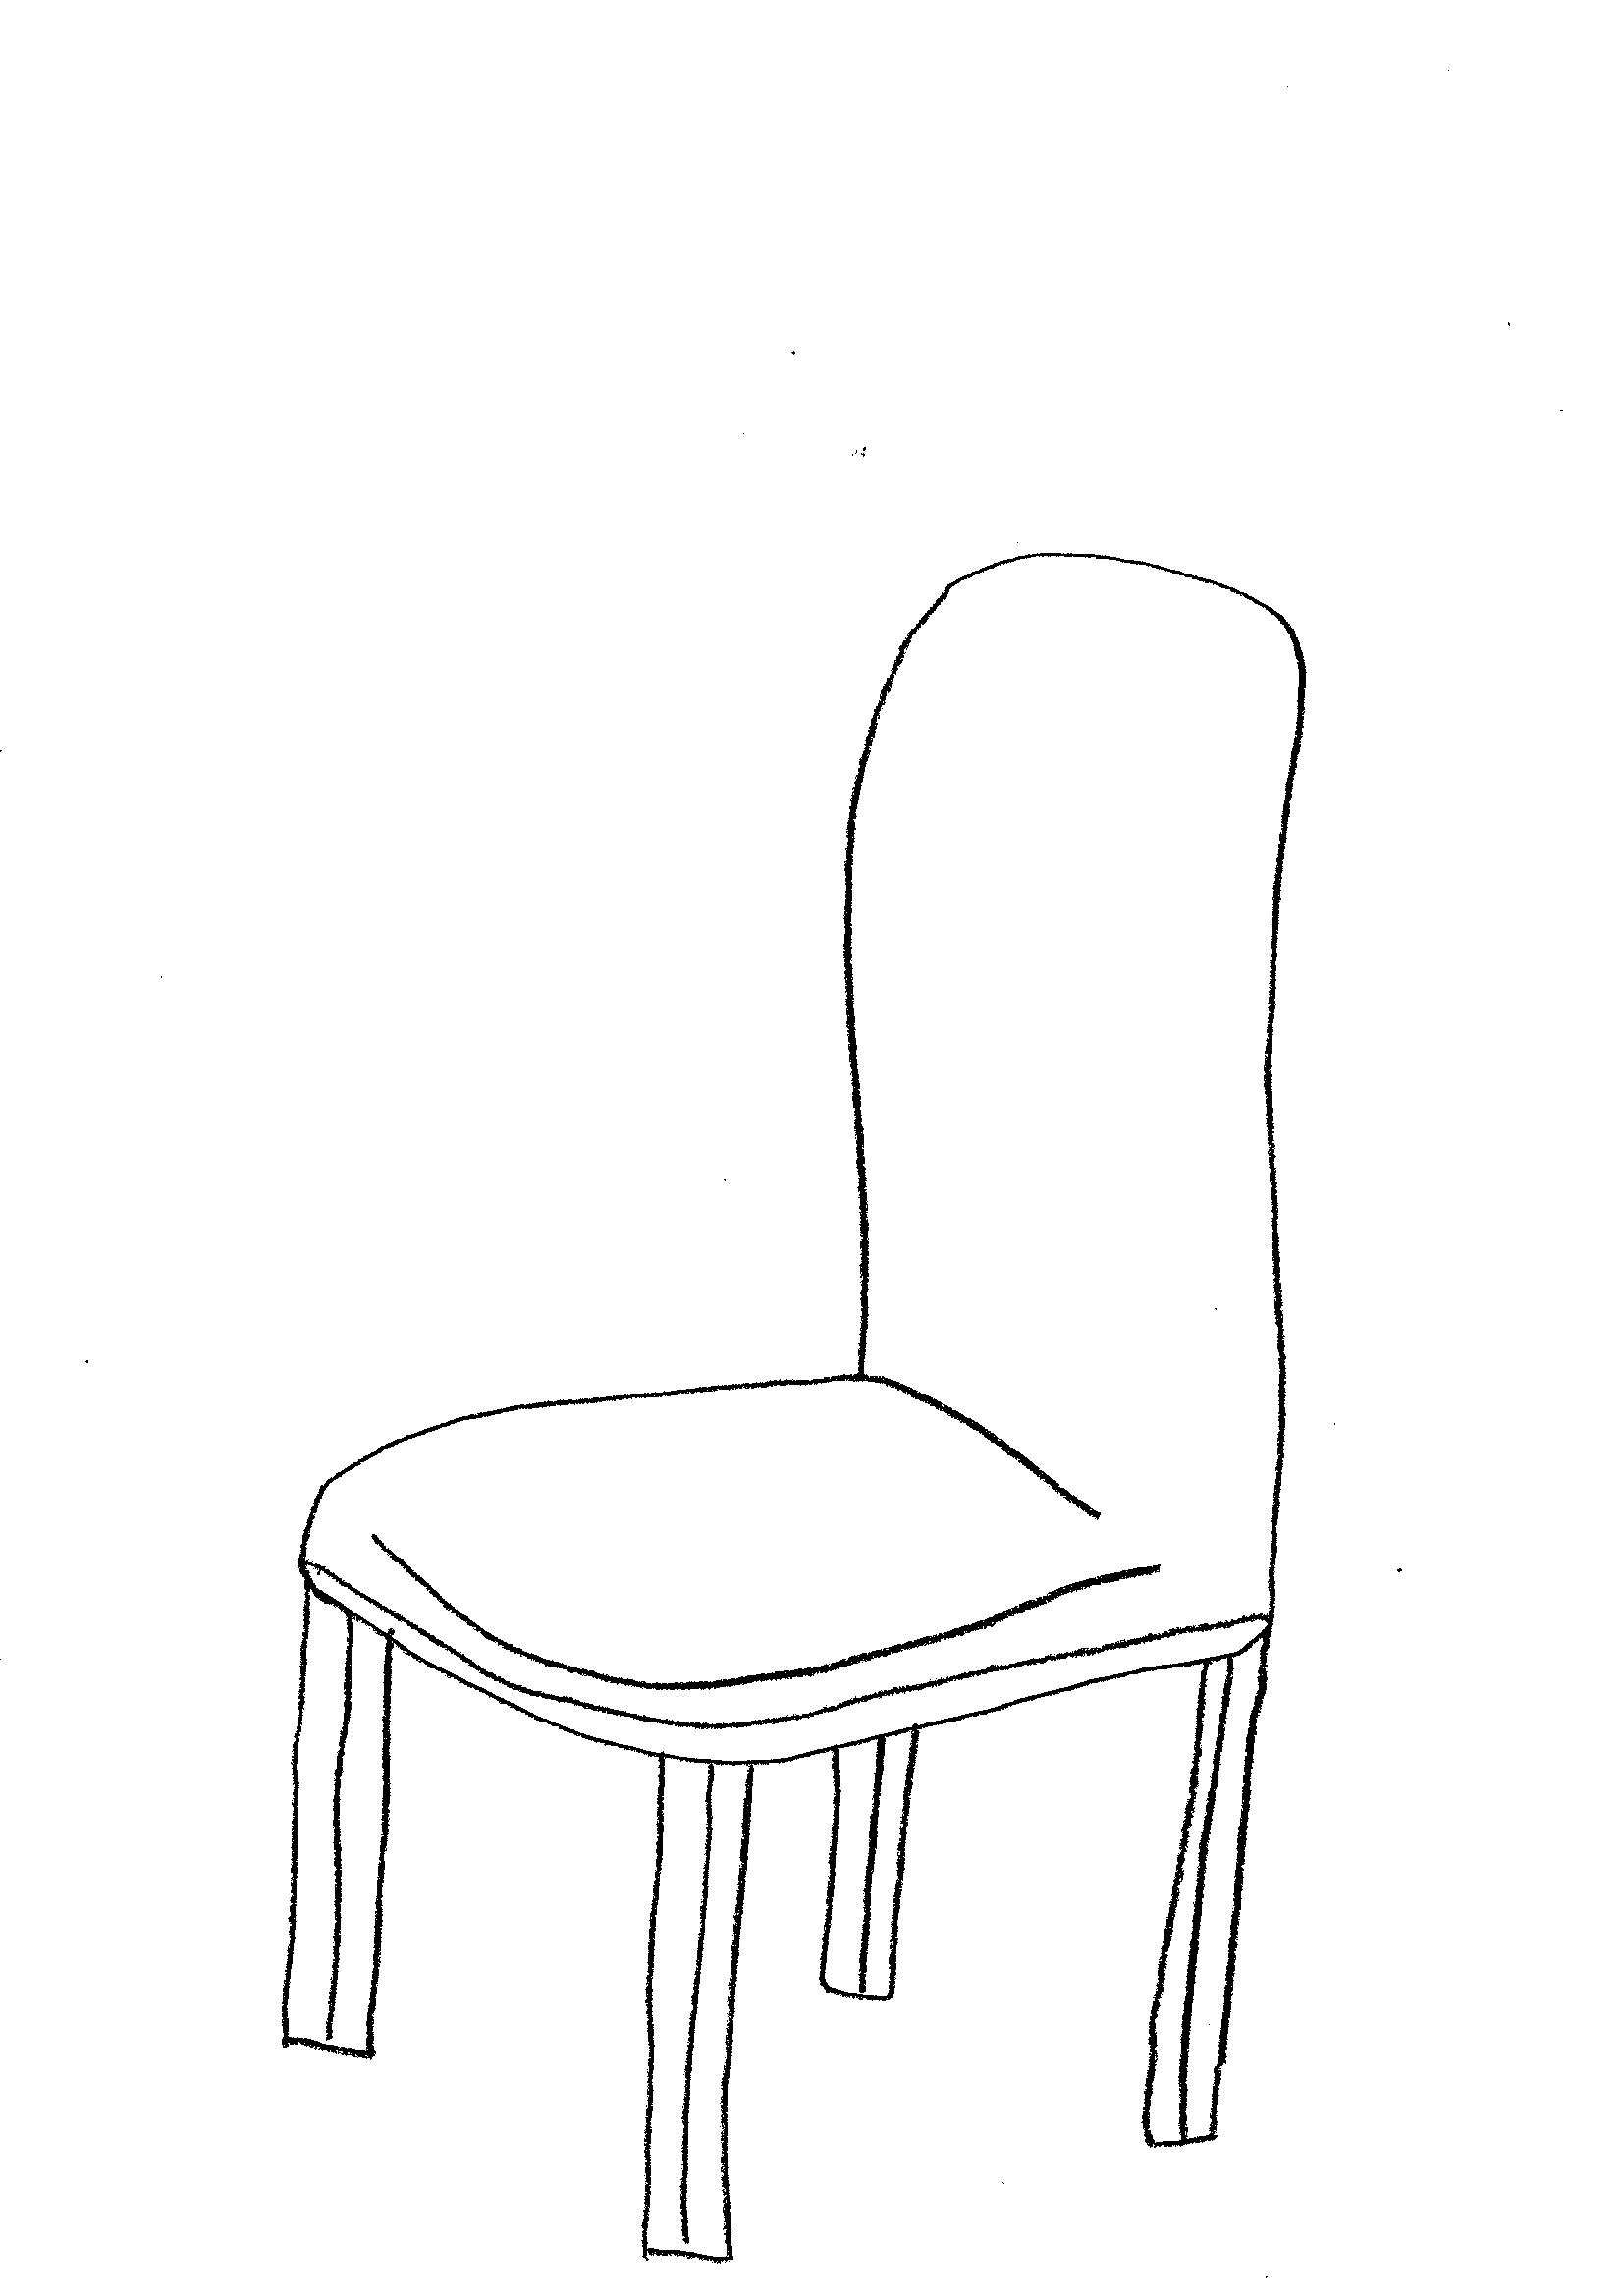 Disegni da colorare bambini i sedia - Sedia a dondolo disegno ...